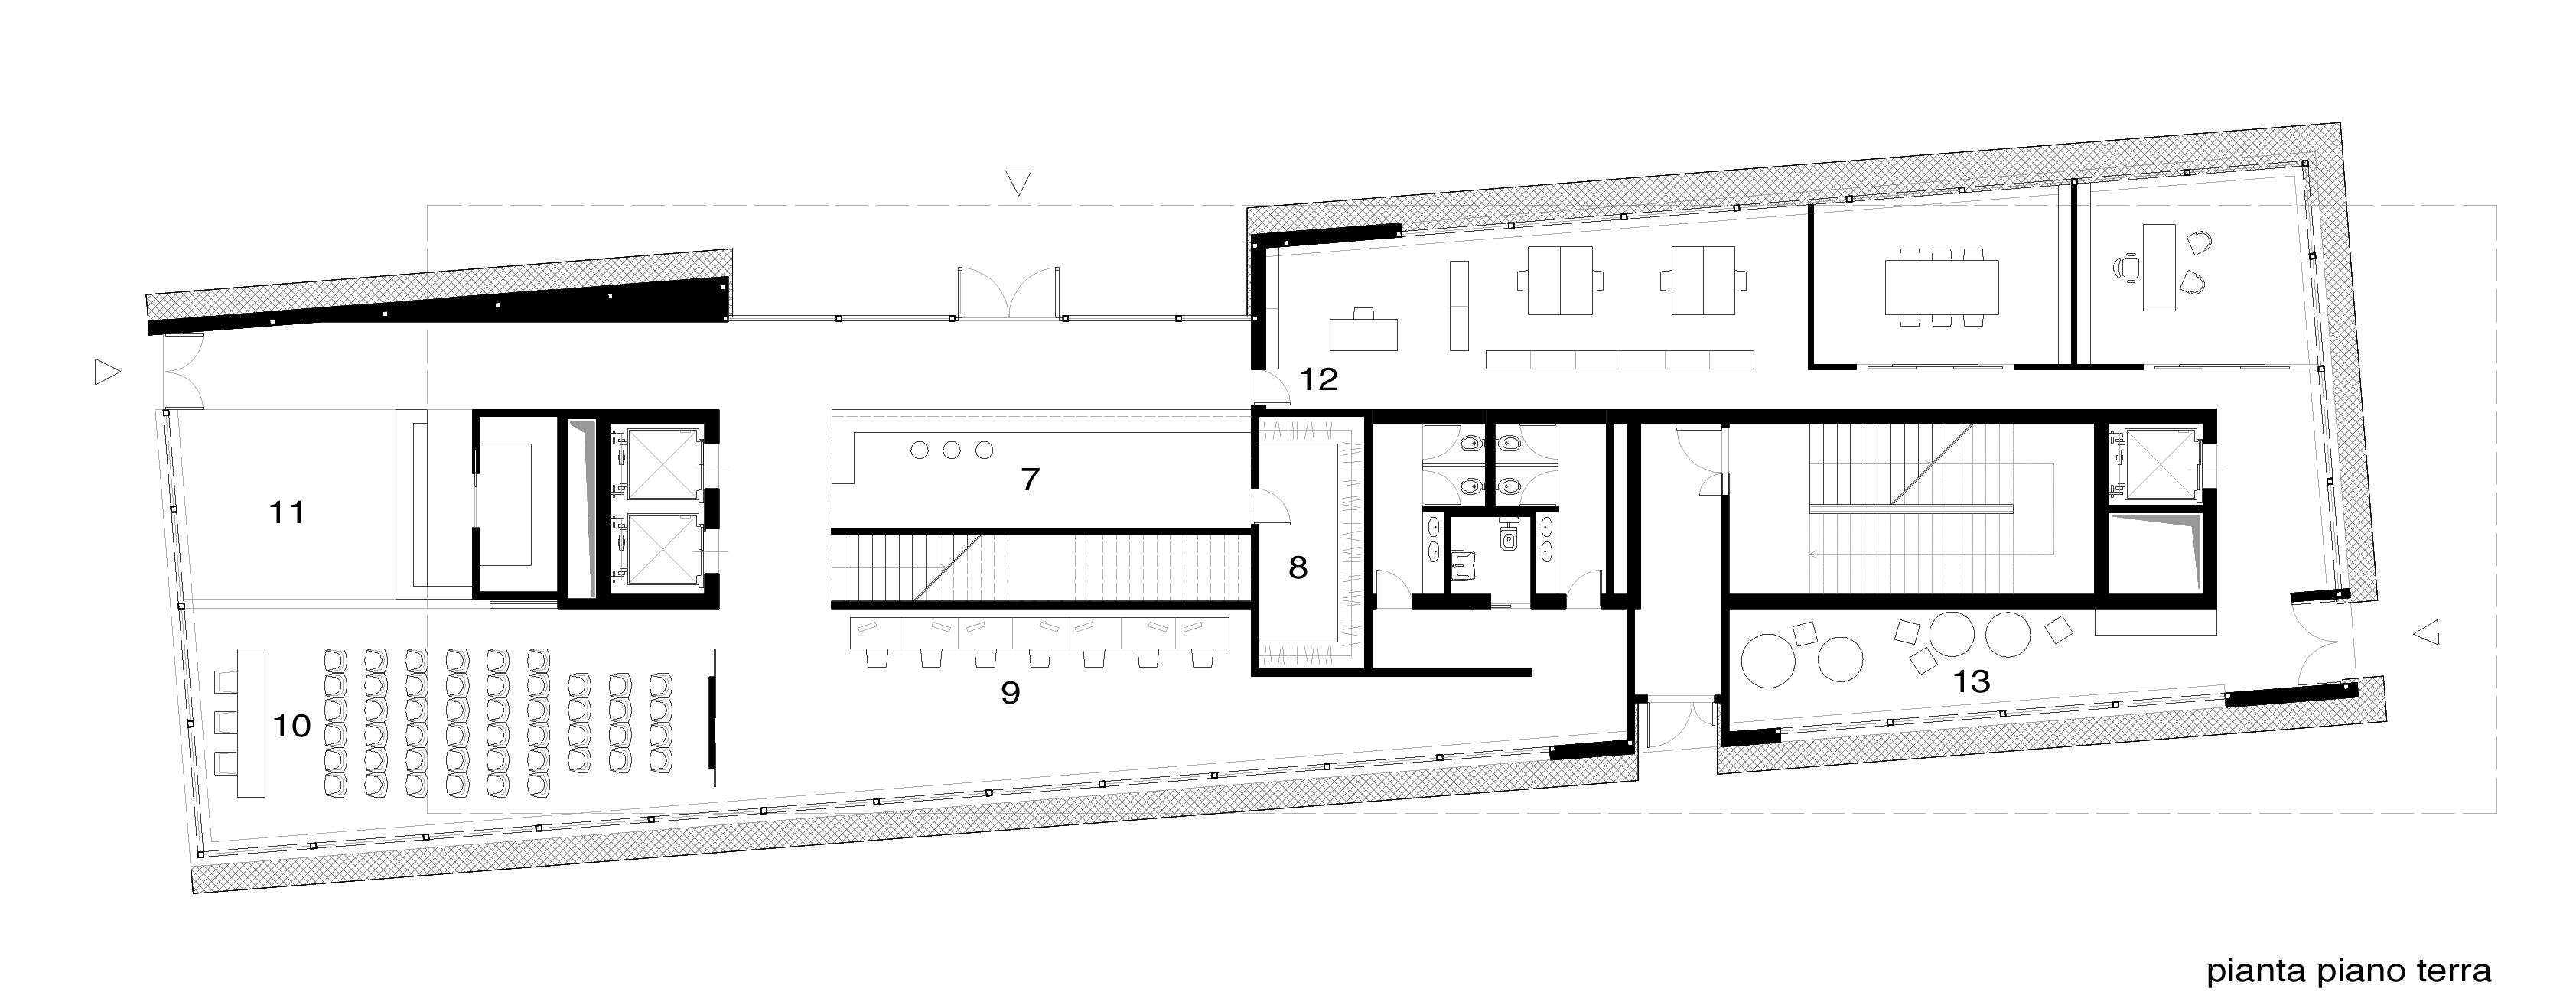 Consegna 02 gruppo icovi jencinella tanci laboratori for Strumento di layout piano terra